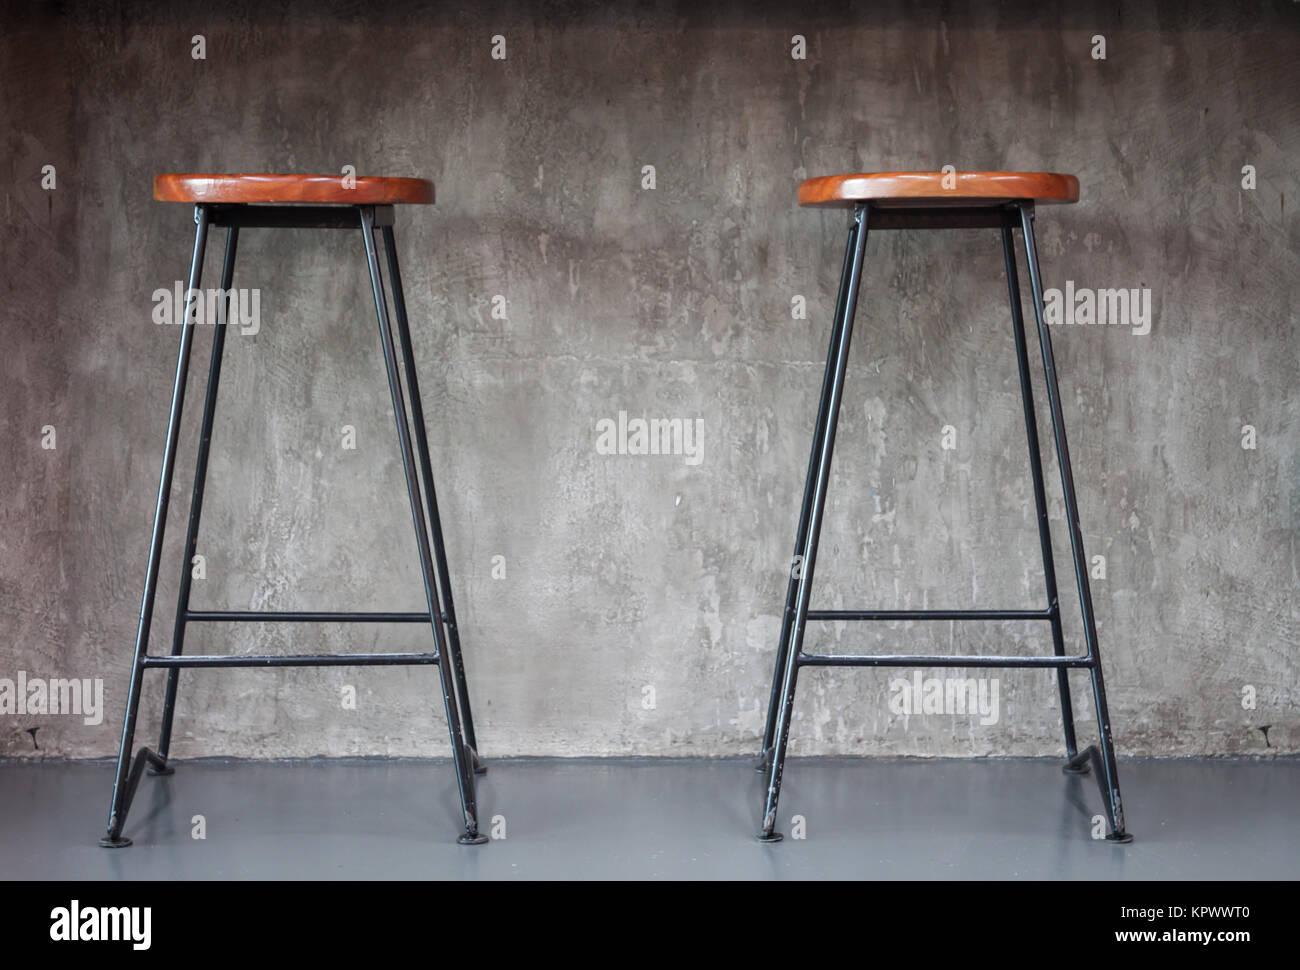 Sedia In Cemento Immagini & Sedia In Cemento Fotos Stock Alamy